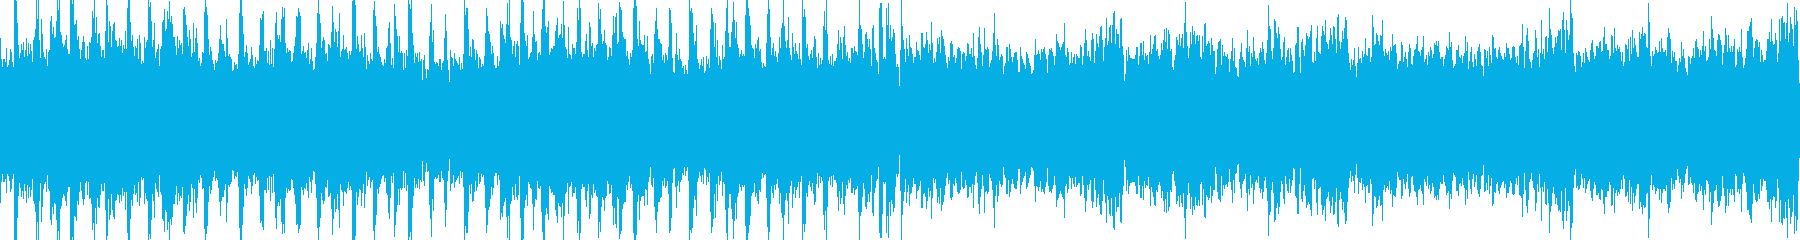 【ループ】不気味な雰囲気の魔王城2の再生済みの波形